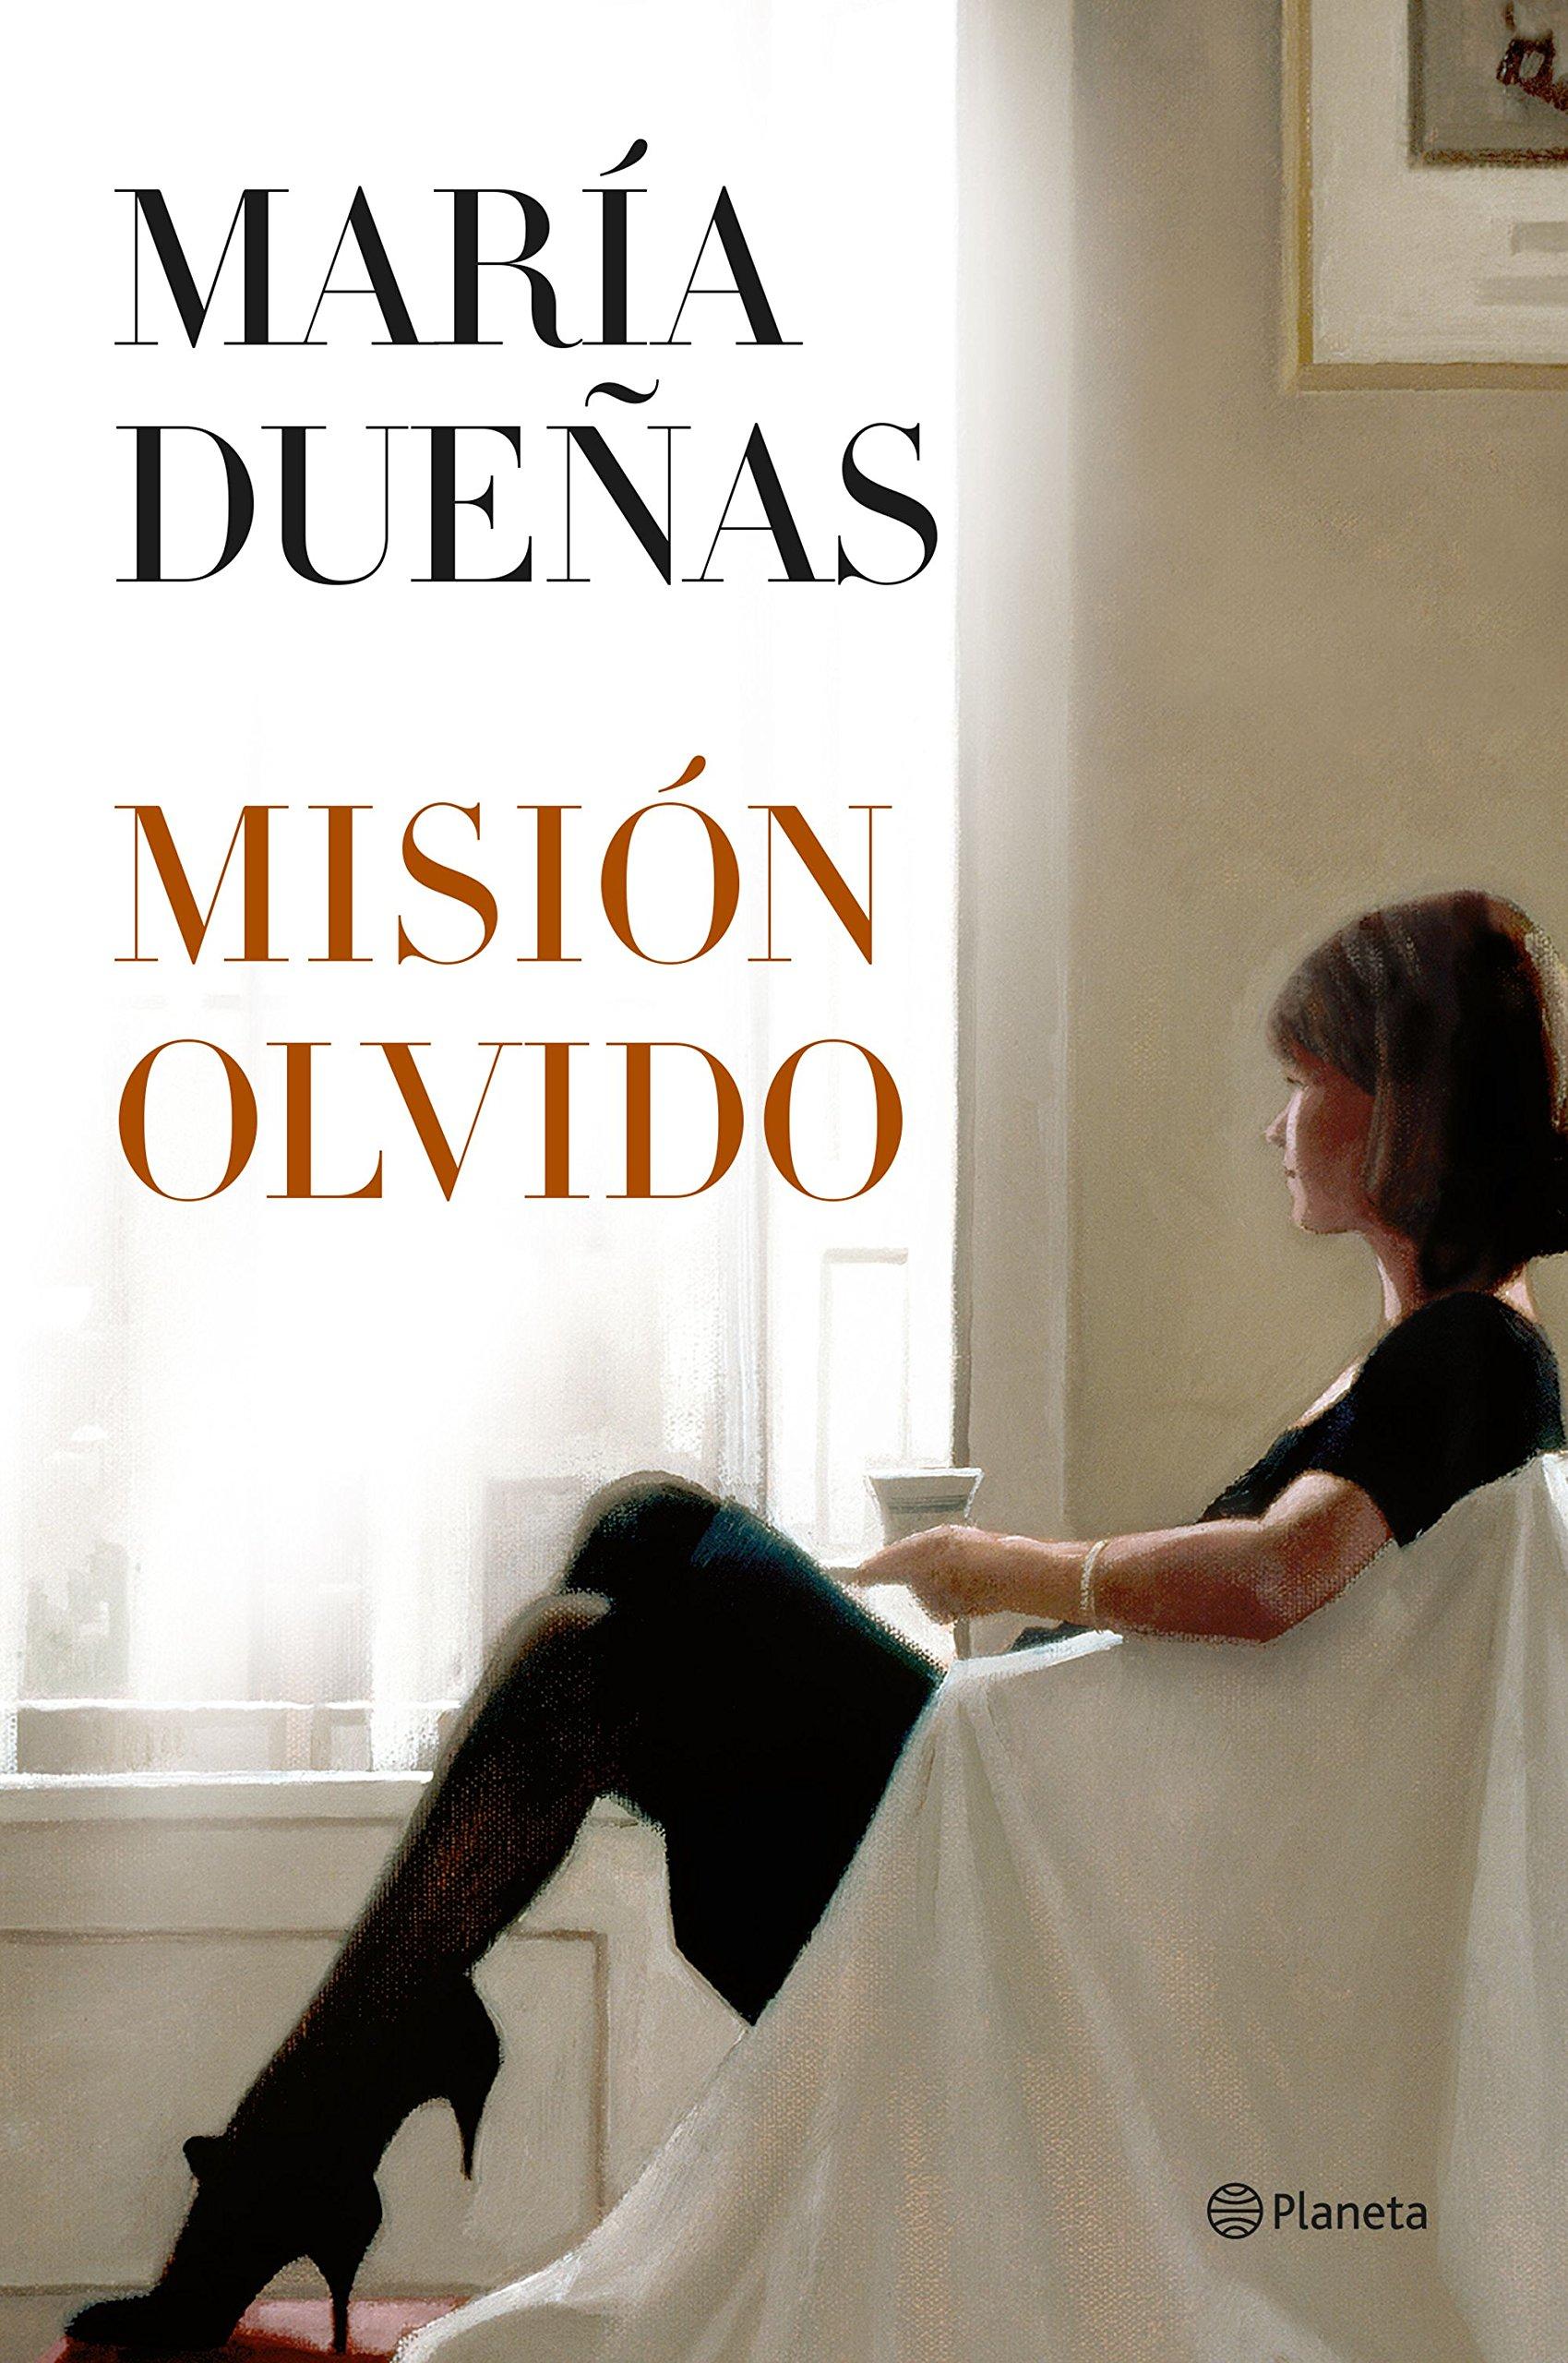 mejores libros de María Dueñas - Misión olvido